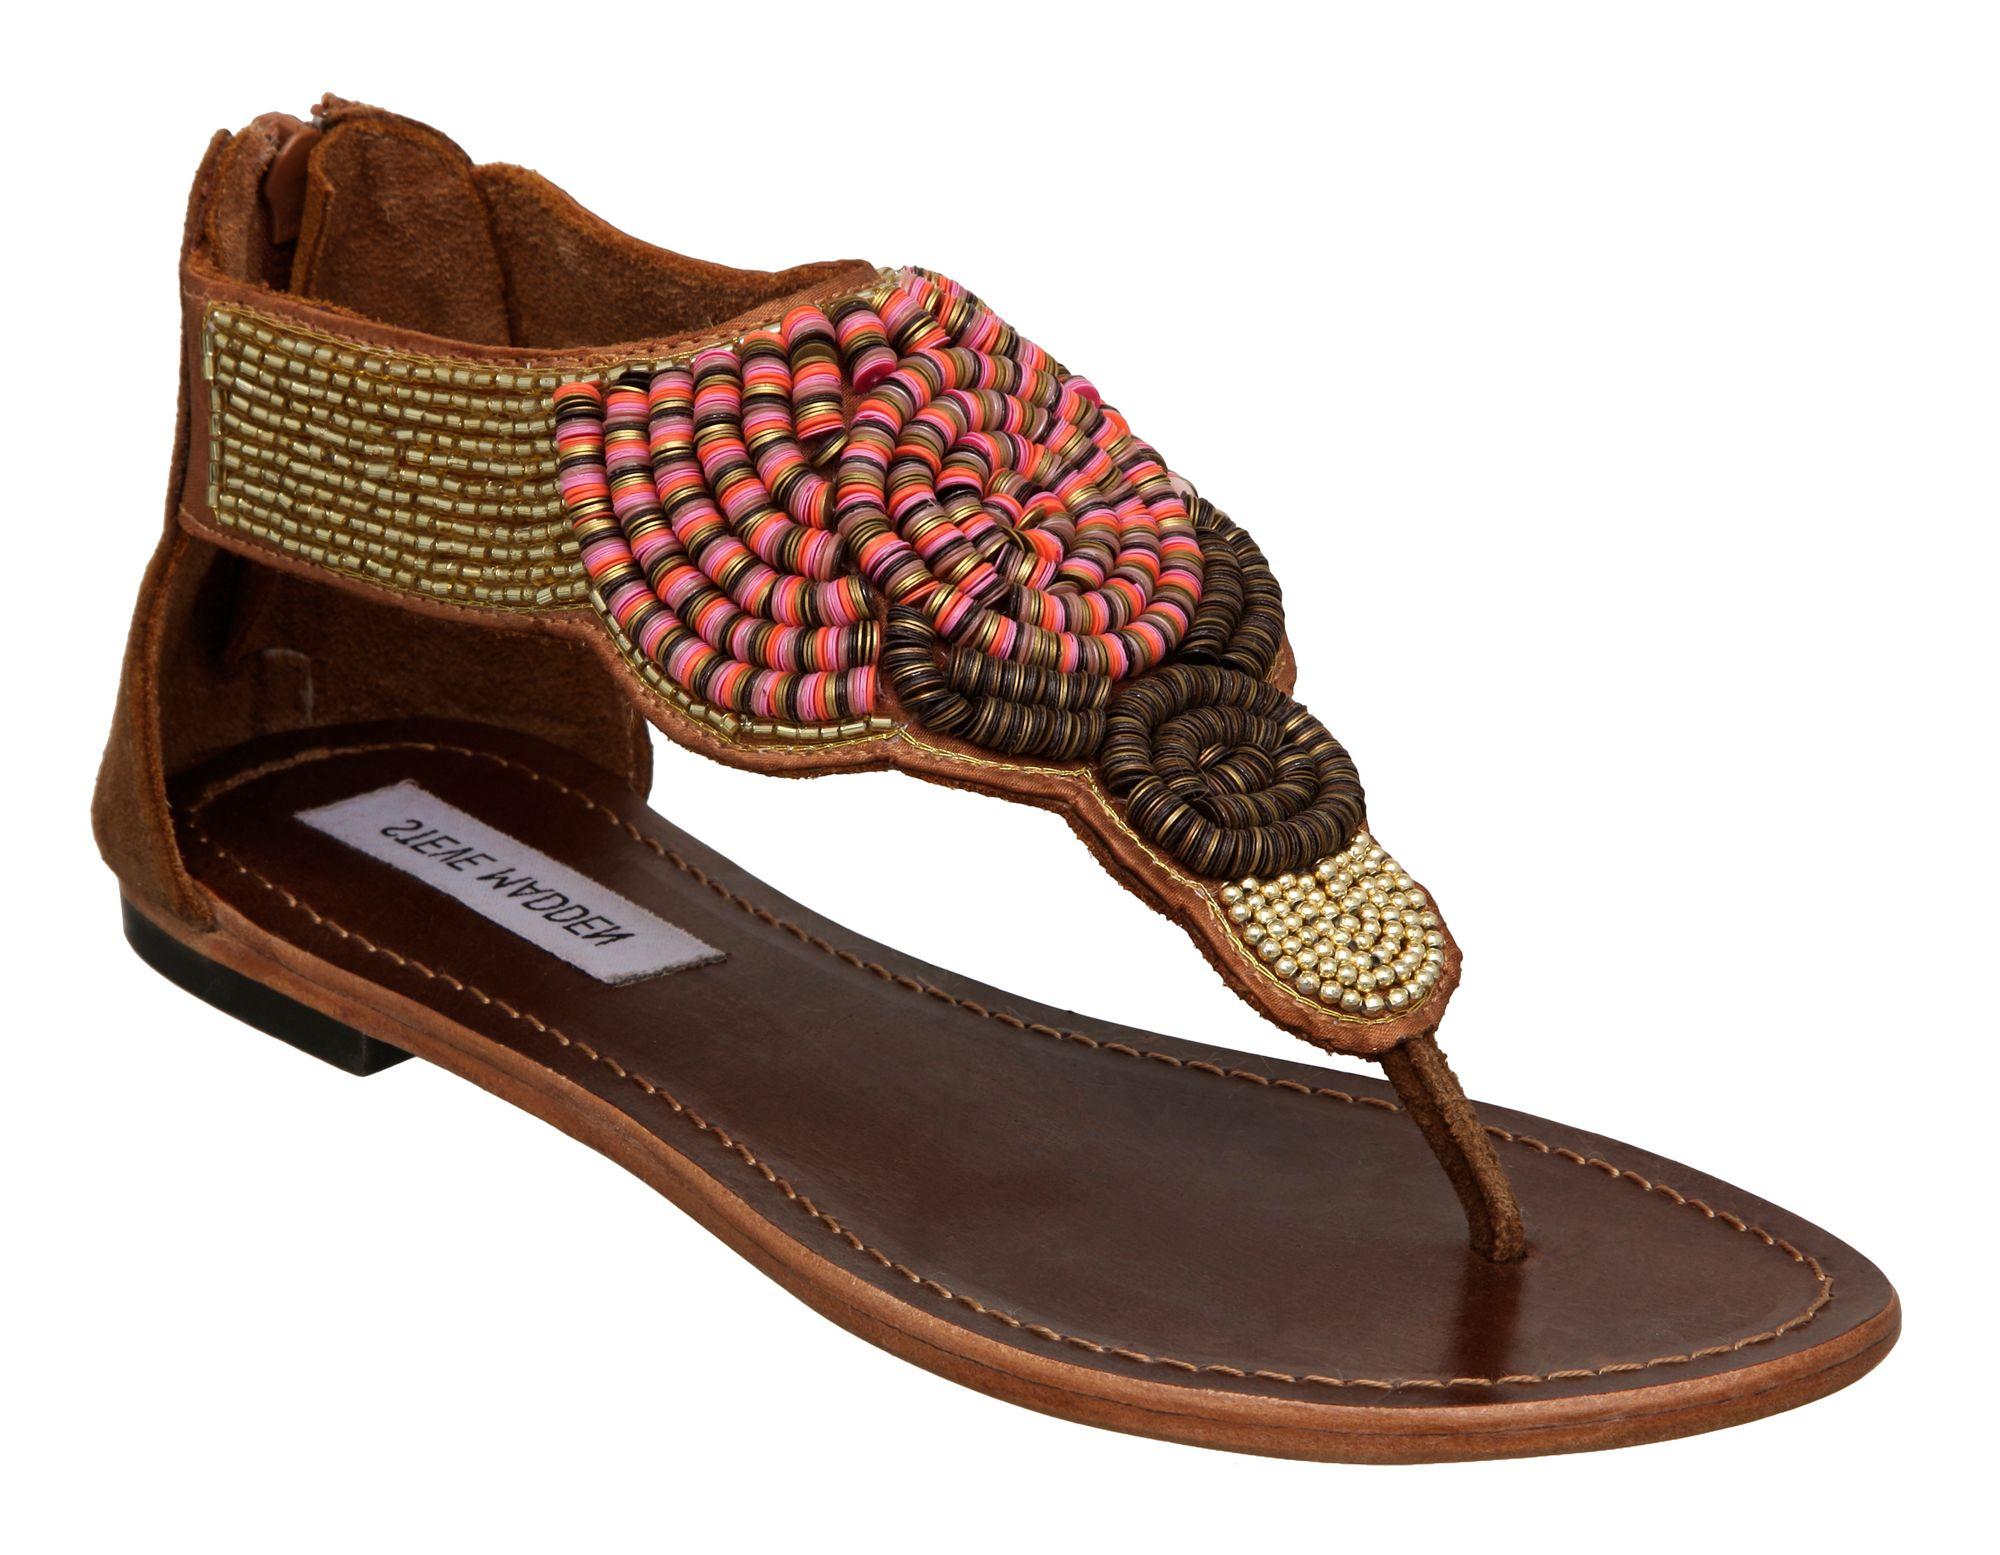 steve madden phorroh sm flat embellished sandals in brown tan lyst. Black Bedroom Furniture Sets. Home Design Ideas